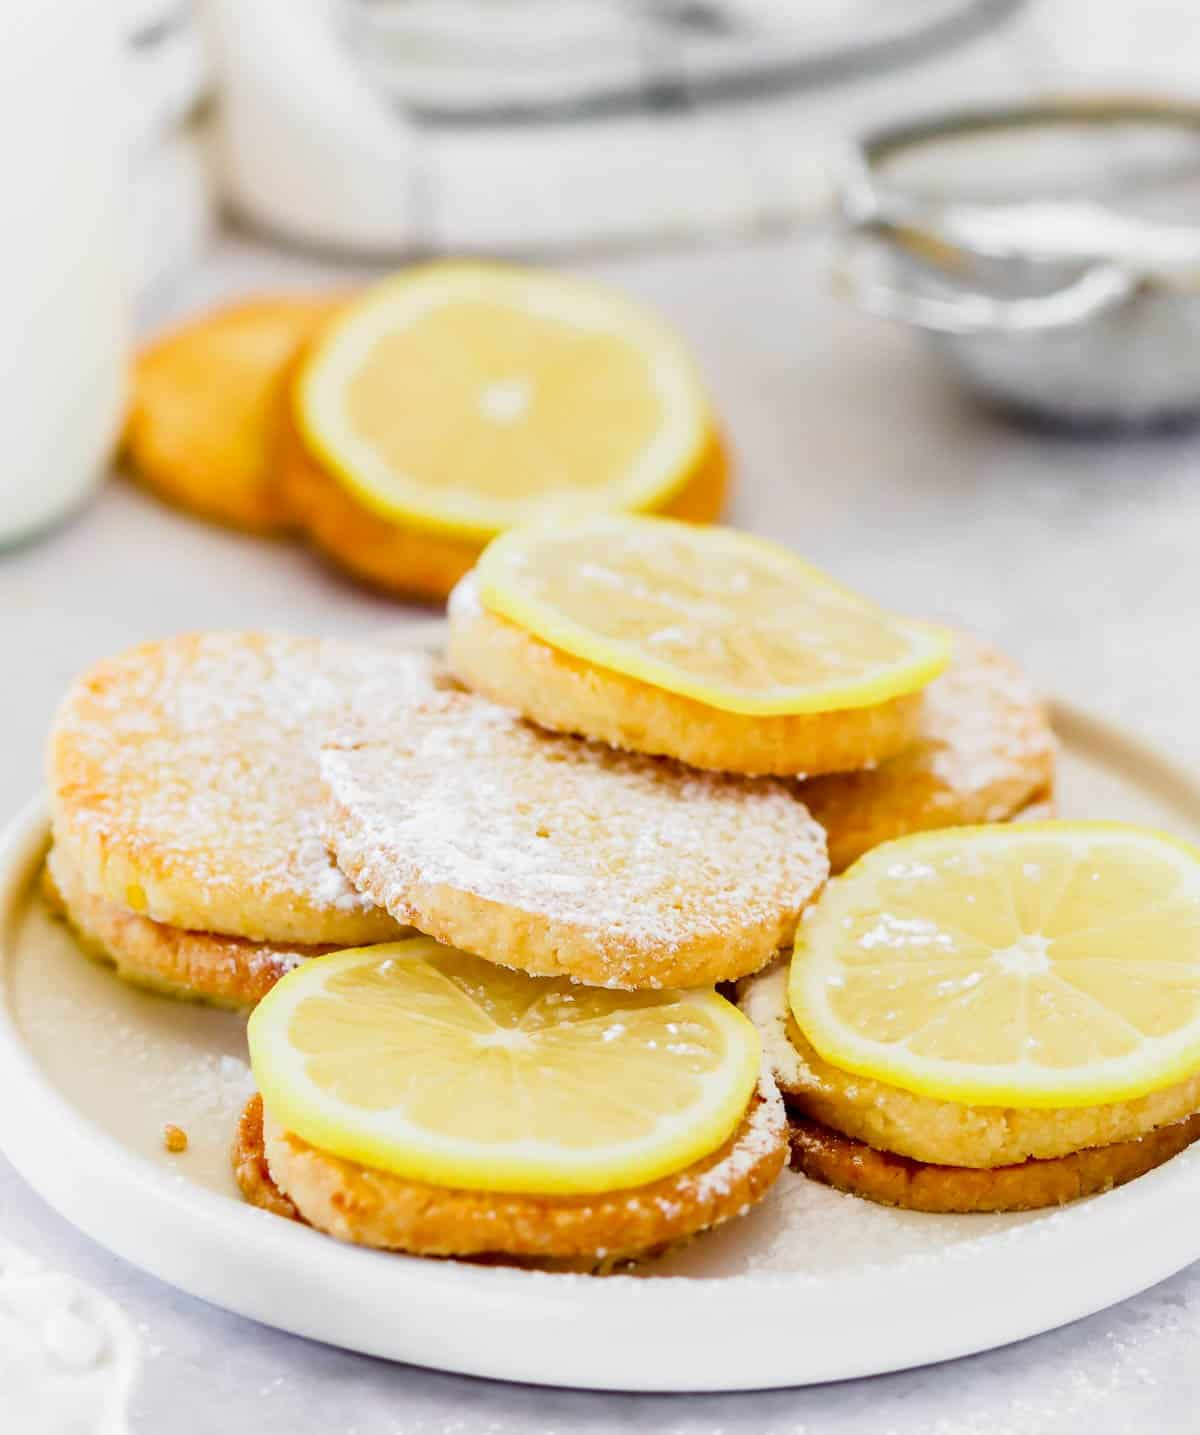 A plate of lemon cookies